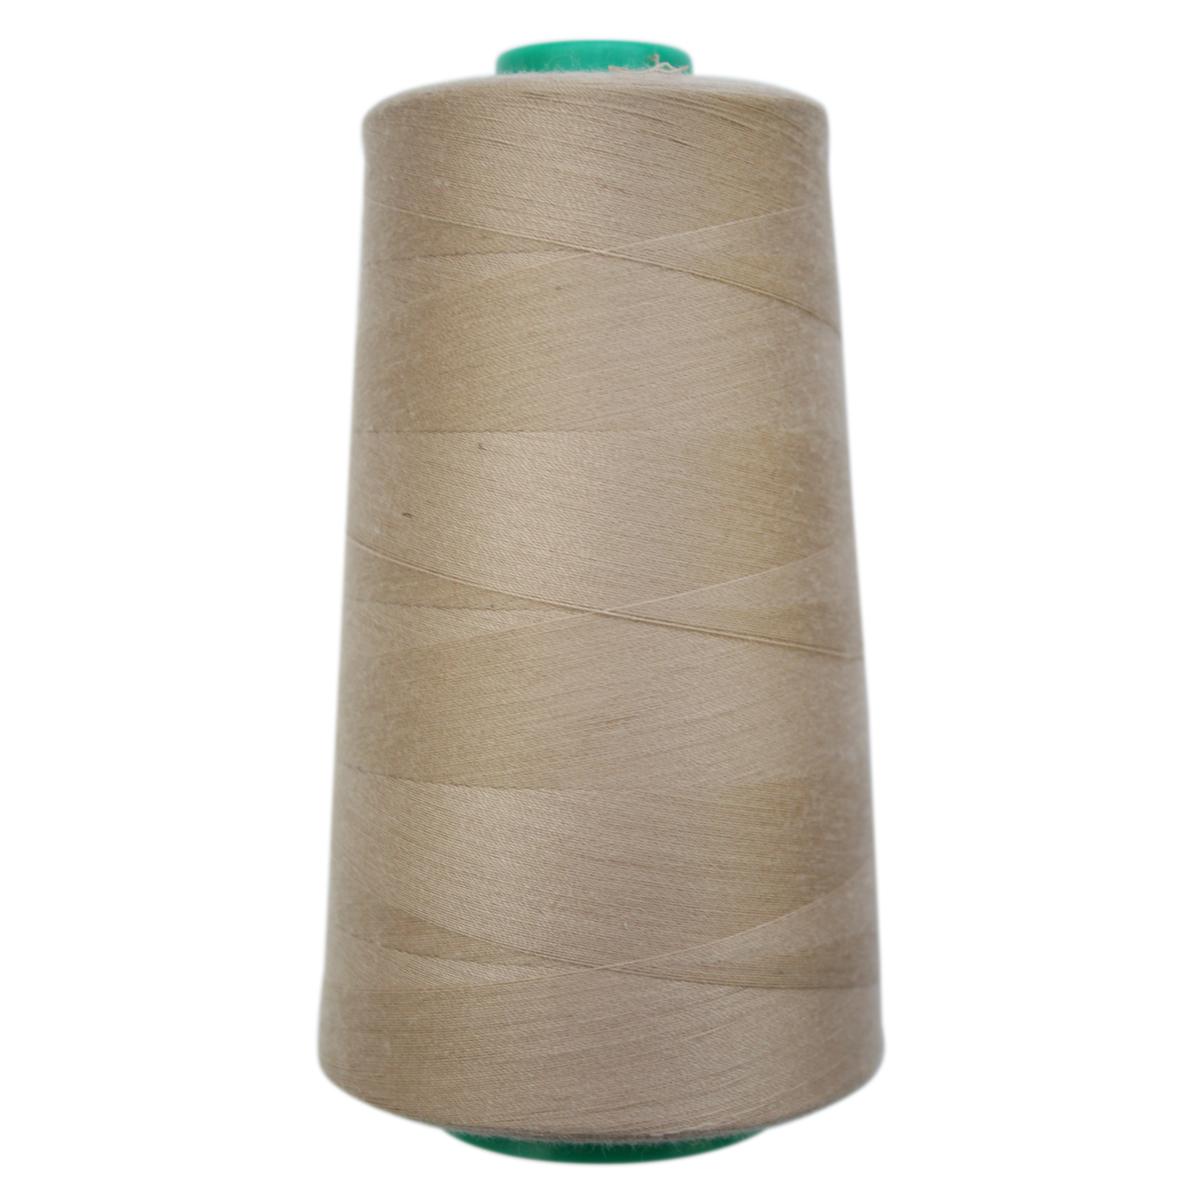 Нитки для шитья Bestex 50/2, 5000 ярд, цвет: т.бежевый.пепел (231)7700936-231Сфера использования: трикотаж; ткани малого веса; оверлочные швы; отделка краев; вышивка. Размер игл №70-80